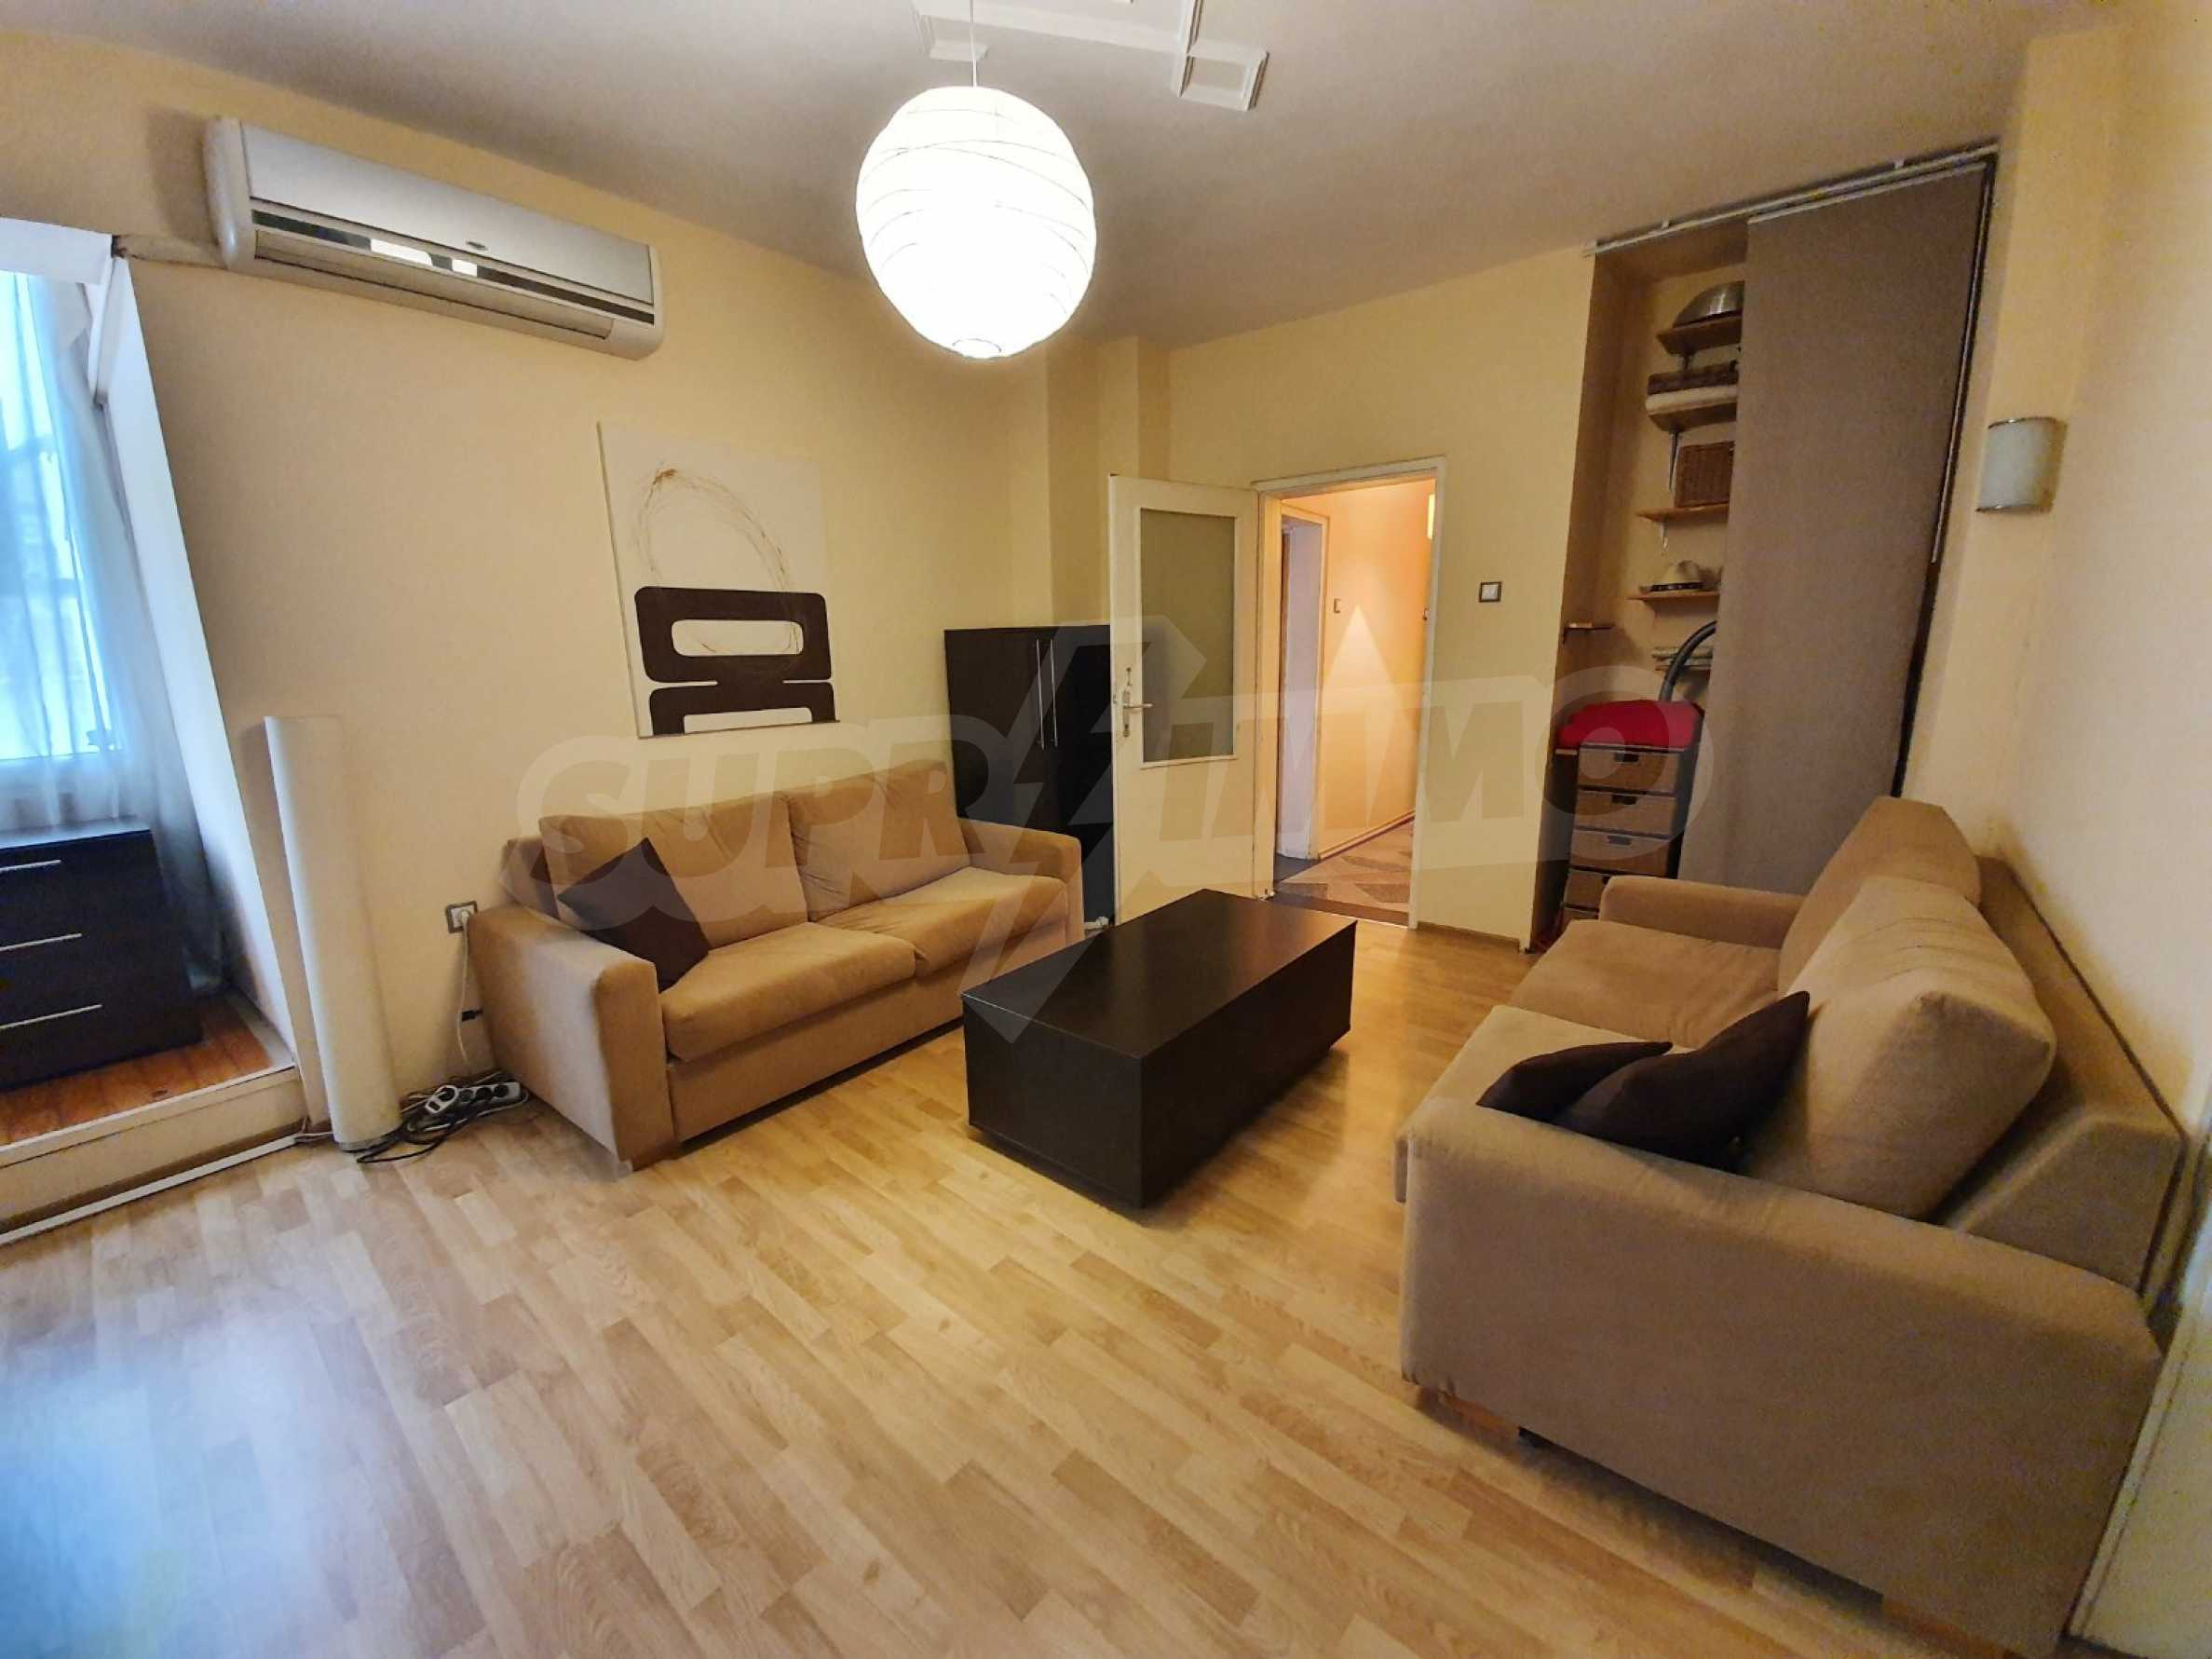 Тристаен апартамент Капитан - под наем в центъра на Варна 2